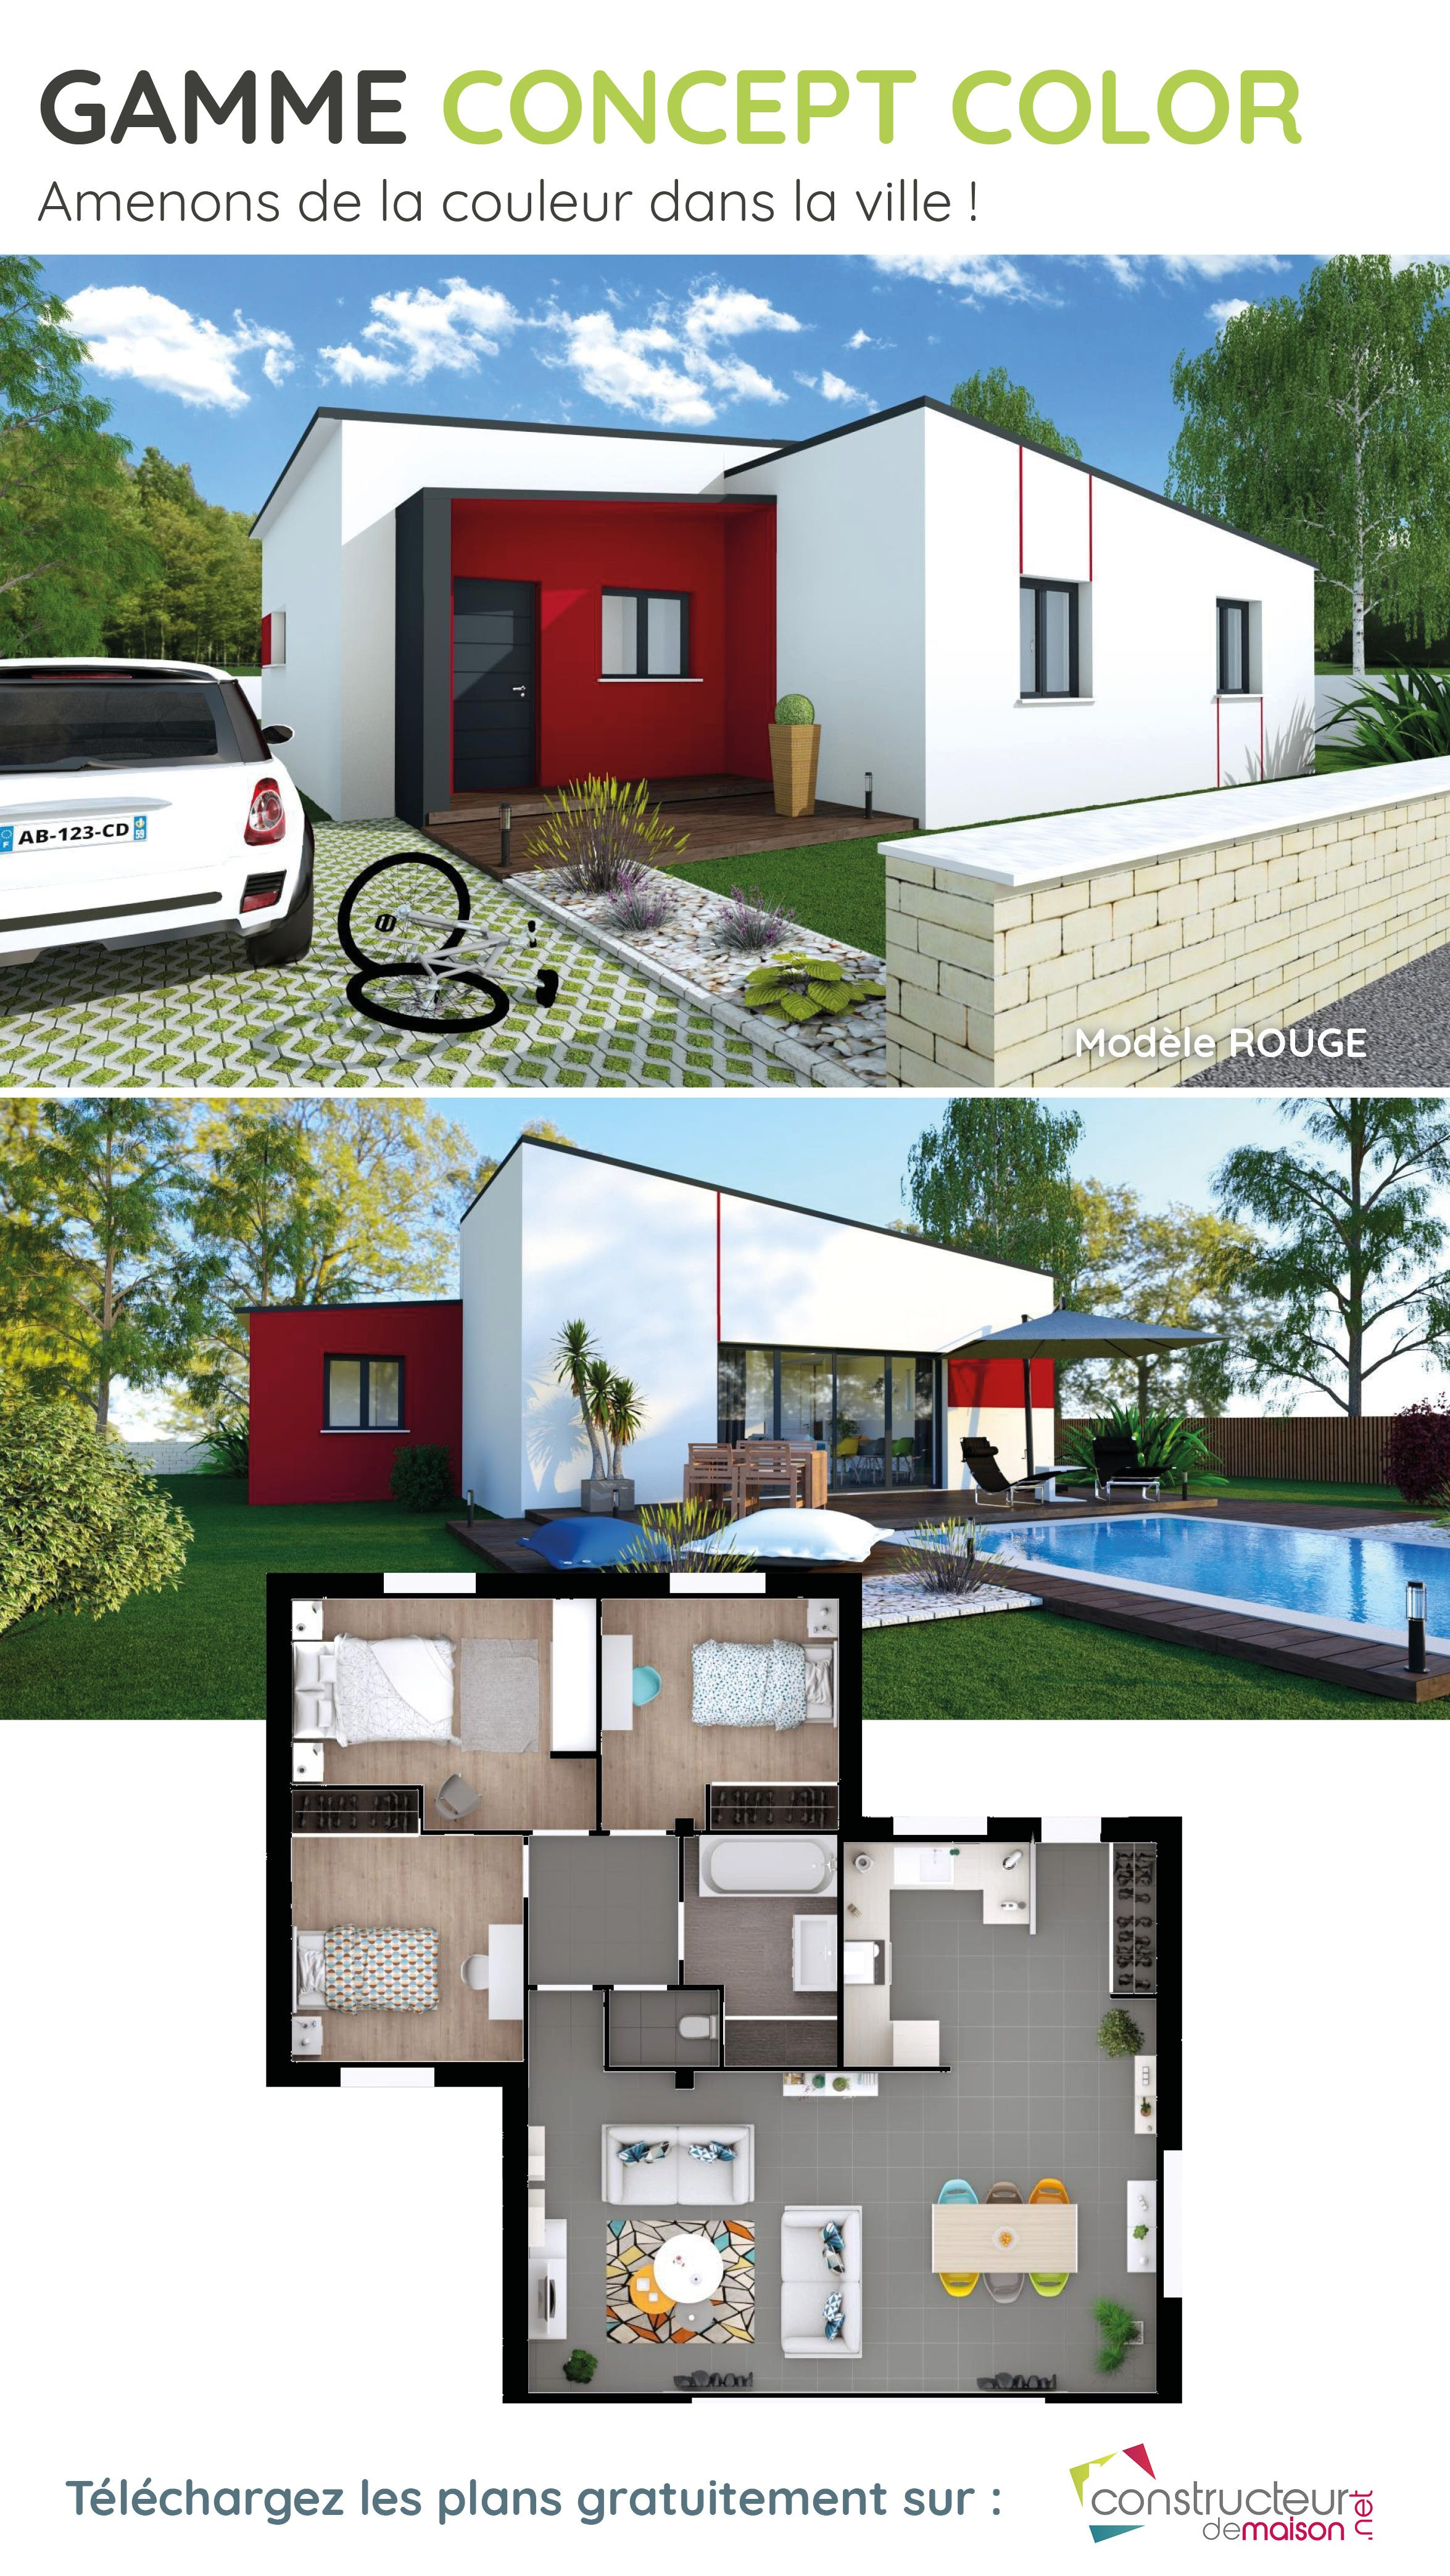 89939f3e47baa Plan d une maison de plein pied - Modèle Rouge Gamme Concept Color. Maison